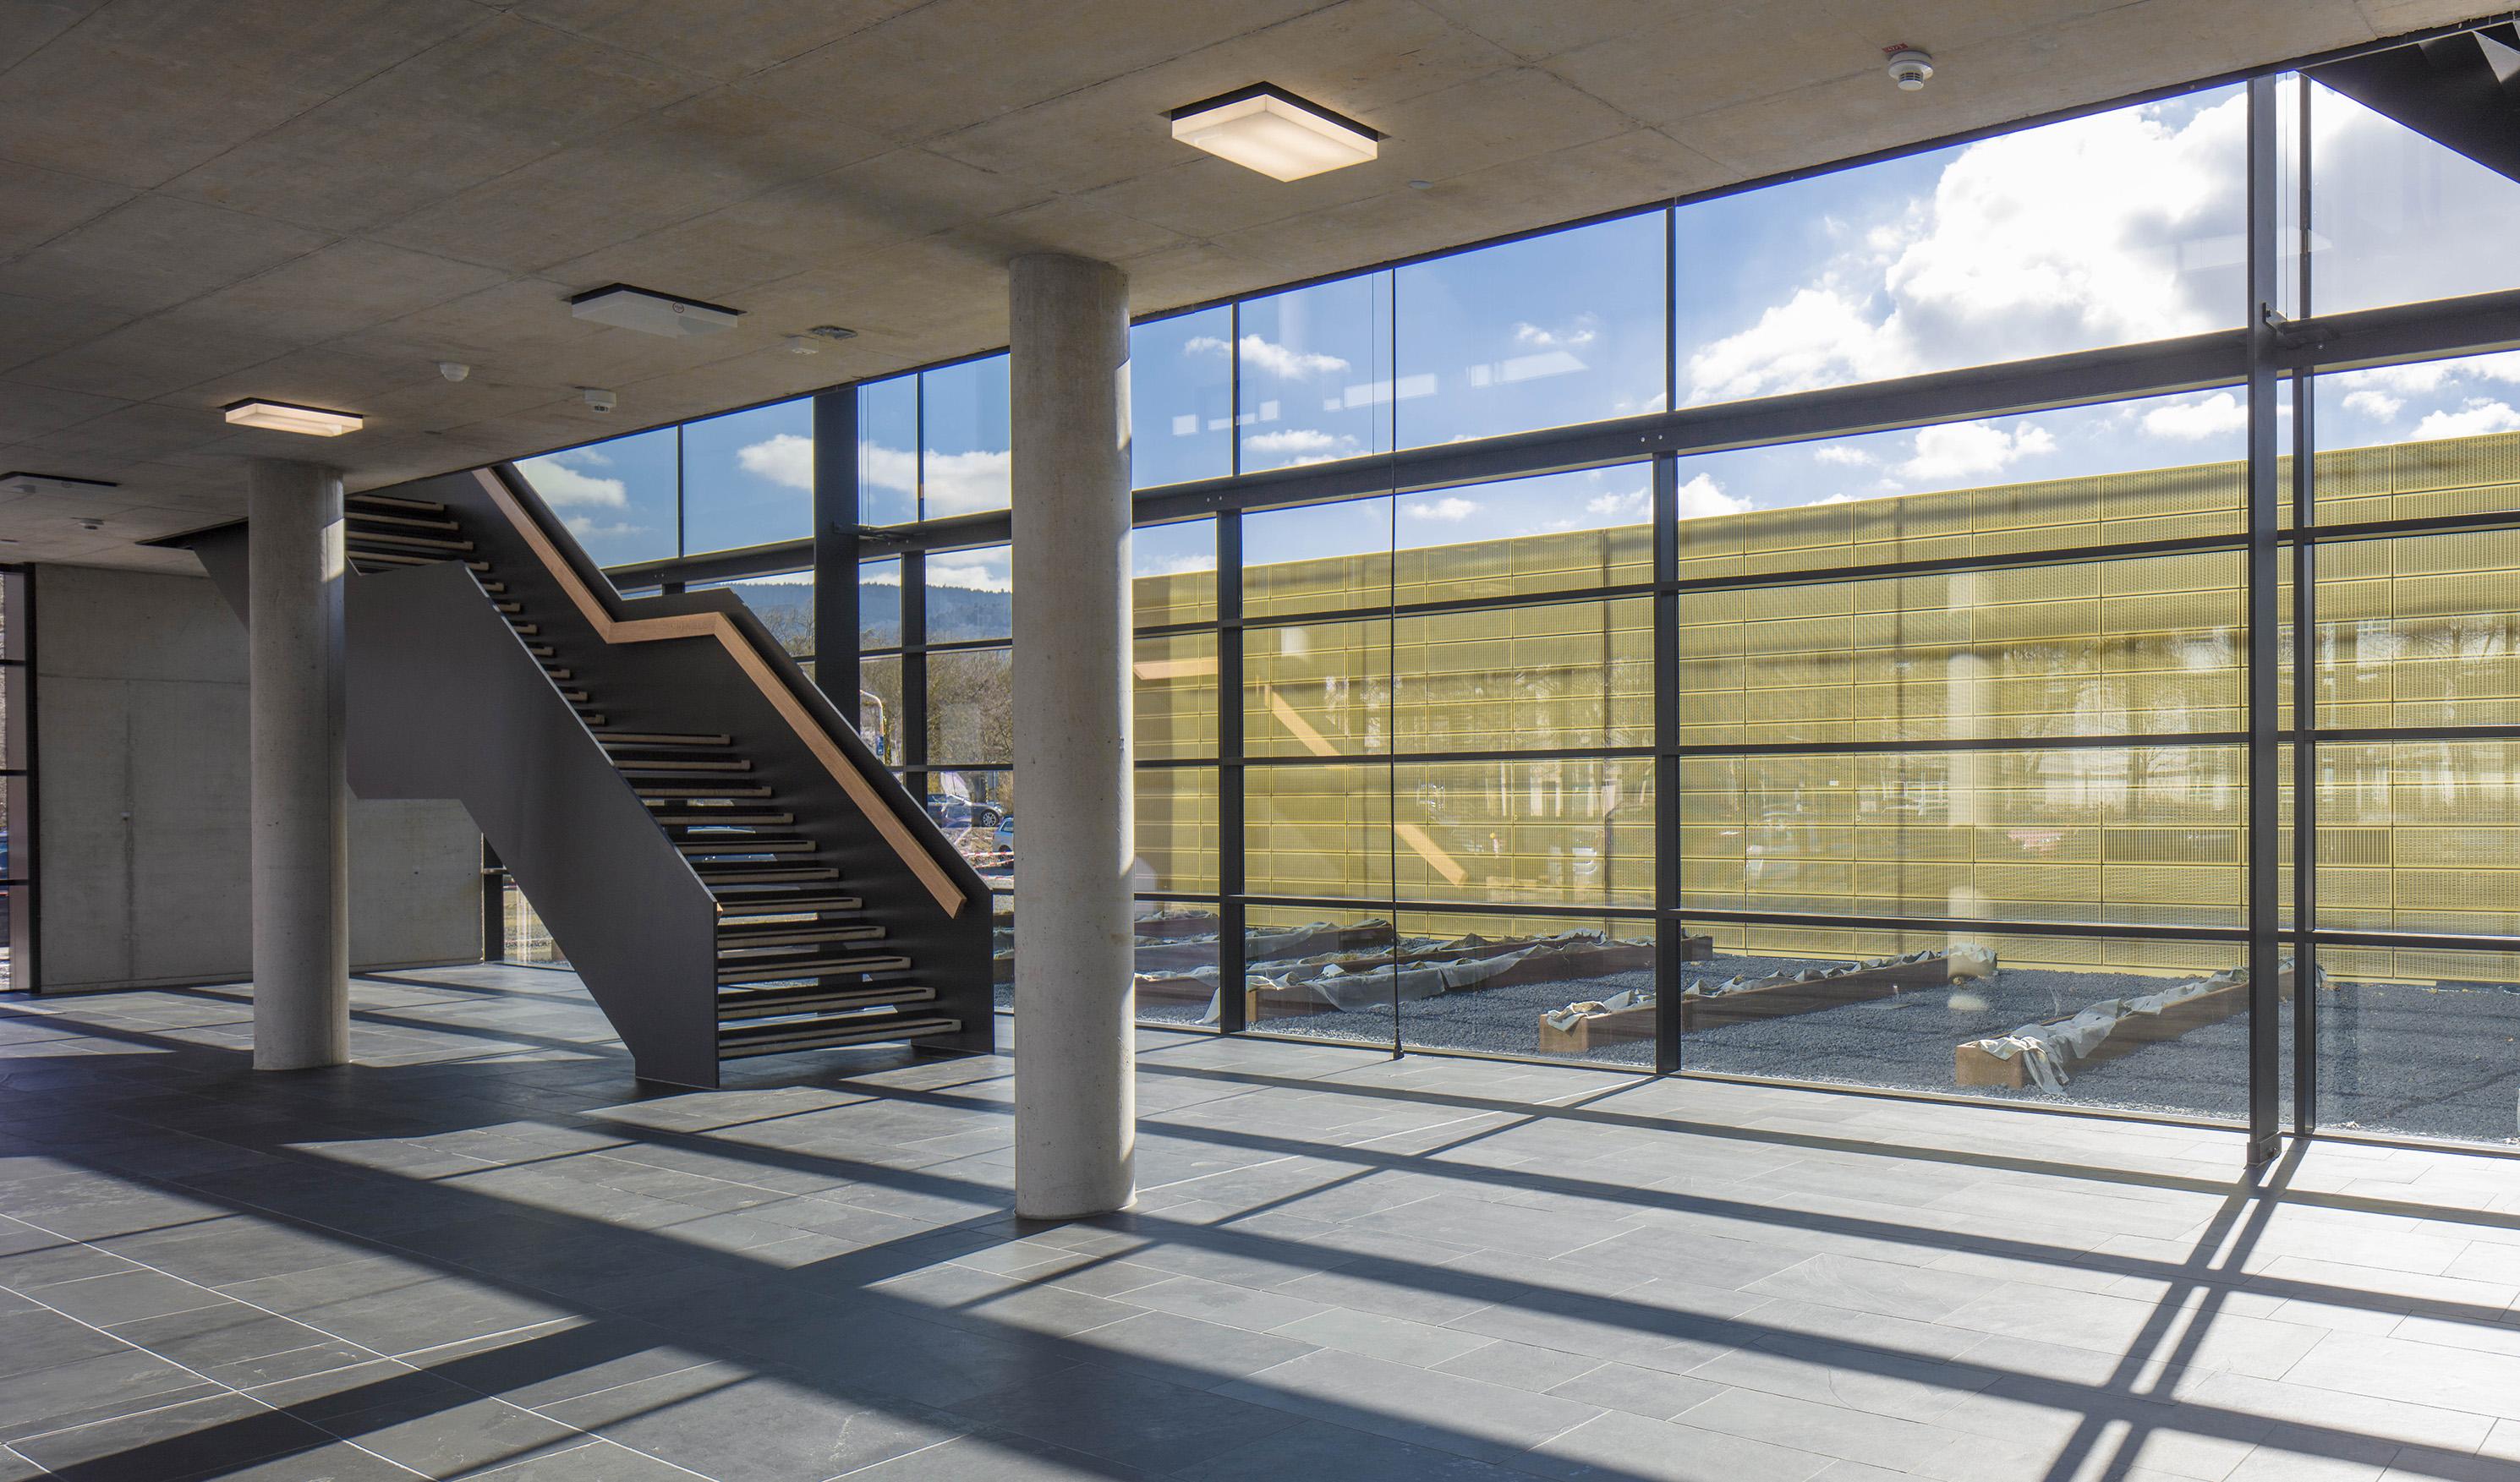 Materialforschung (CAM) Heidelberg 8 - ArGe Architekten